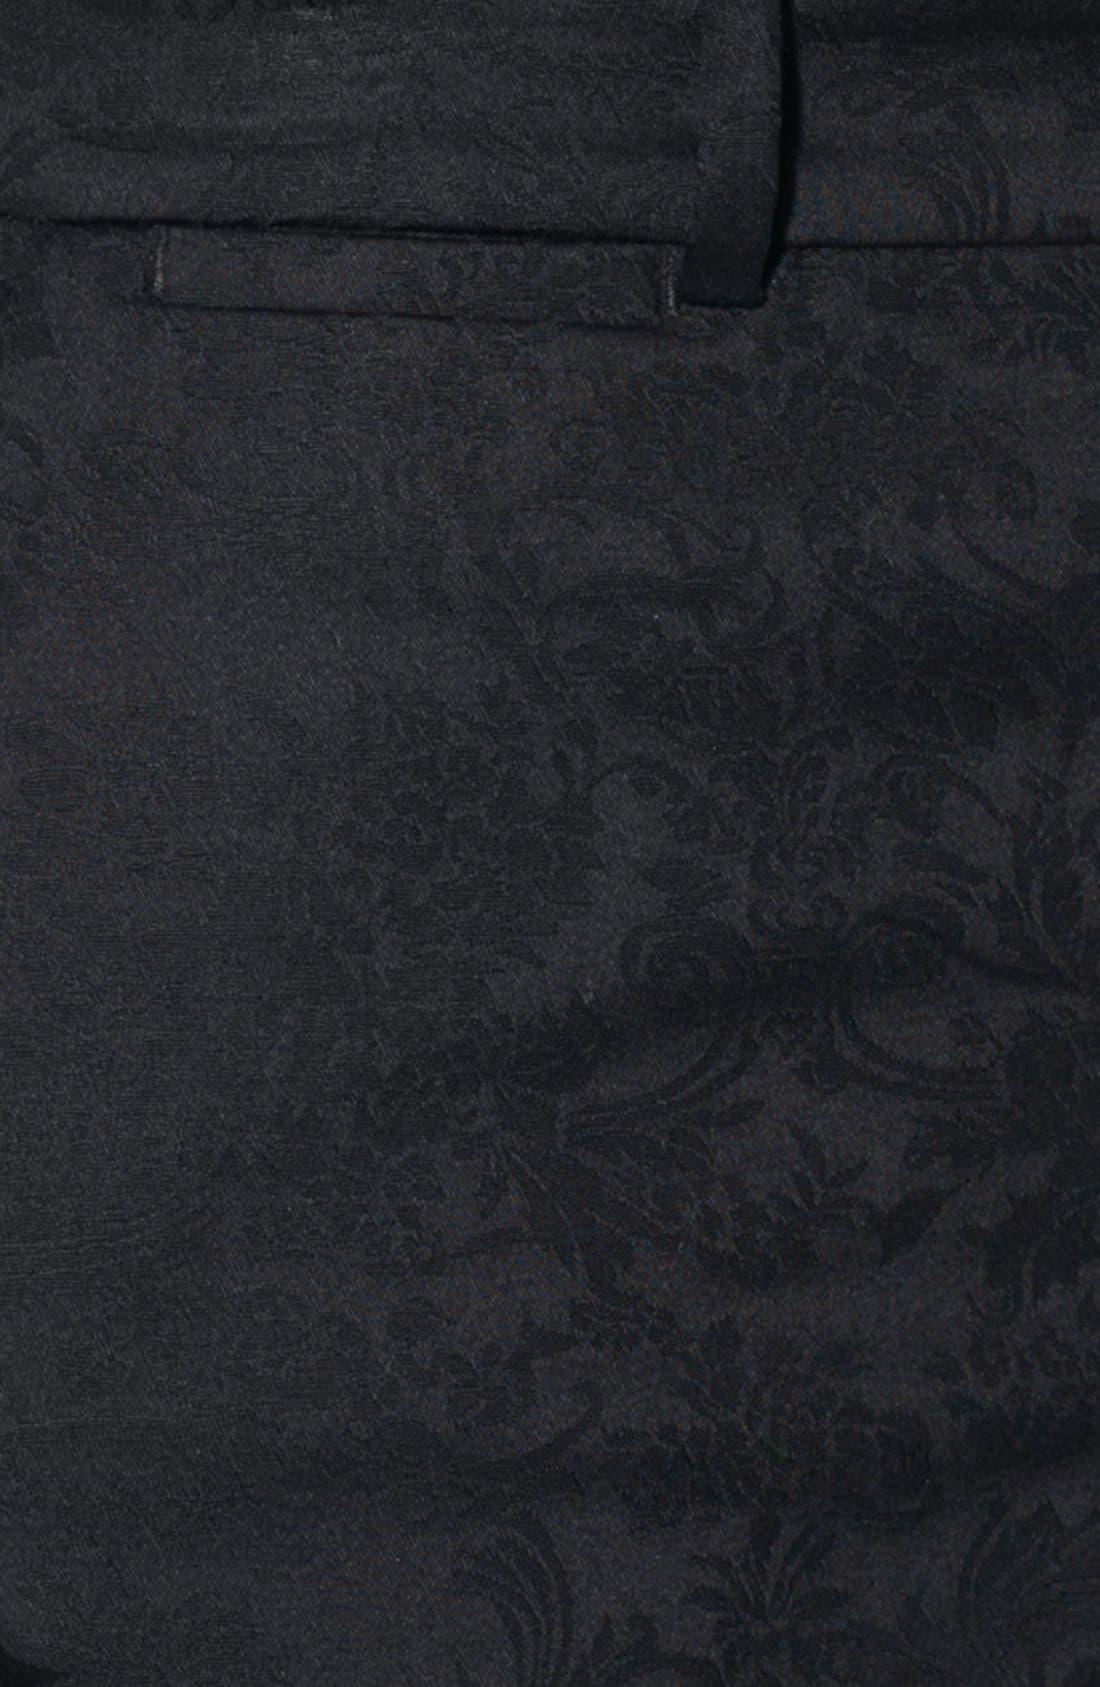 Alternate Image 3  - Lauren Ralph Lauren Tapestry Jacquard Pants (Petite)